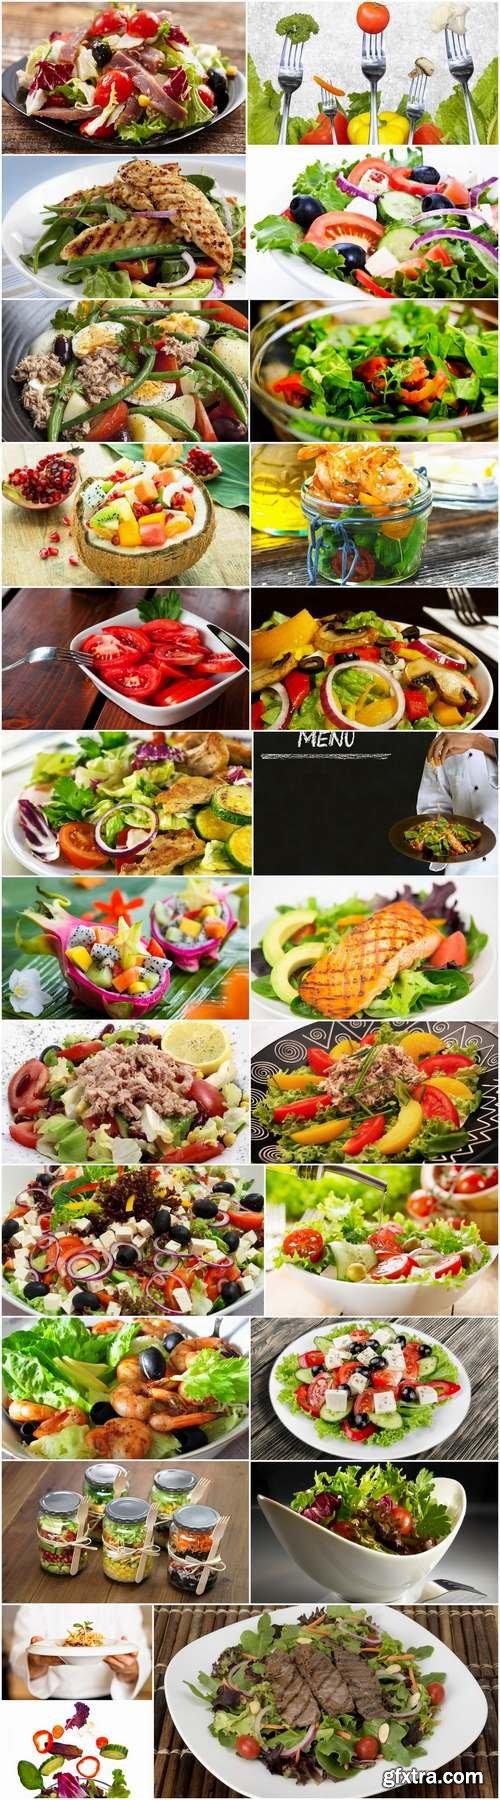 Various types of lettuce Greek seafood shrimp vegetable fruit 25 HQ Jpeg